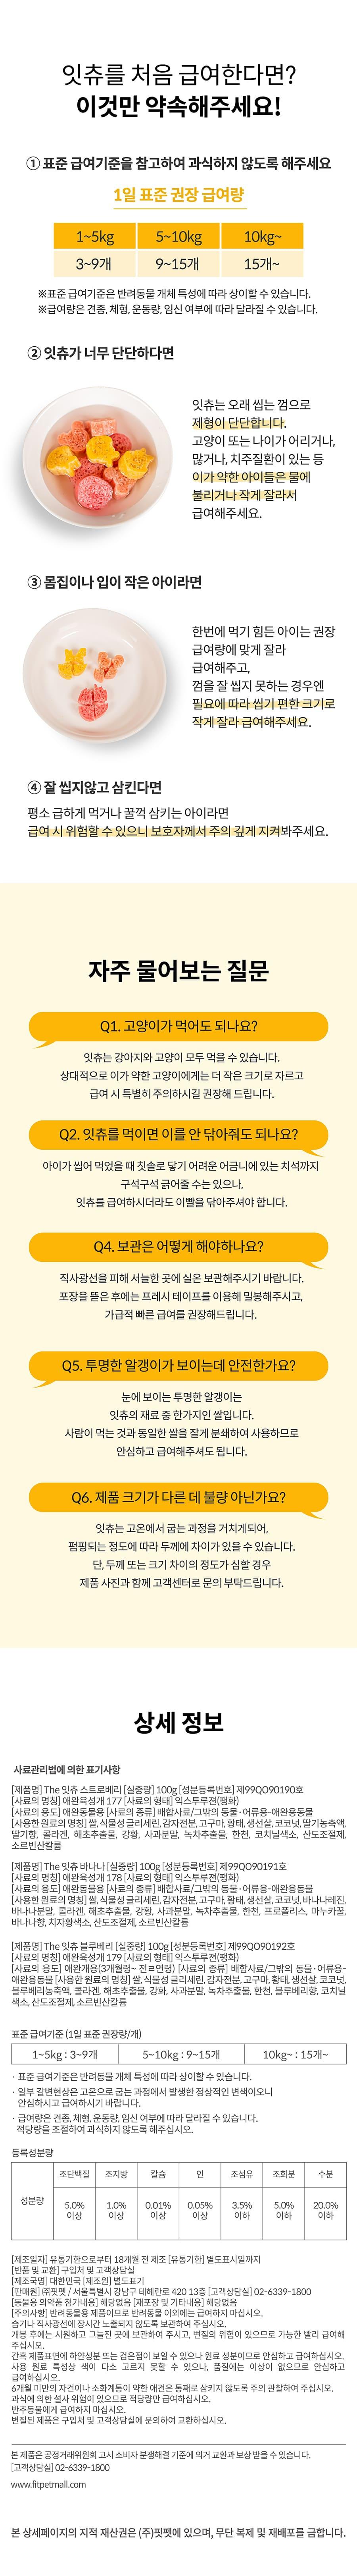 it 잇츄 디즈니 (딸기/바나나/블루베리)-상품이미지-8